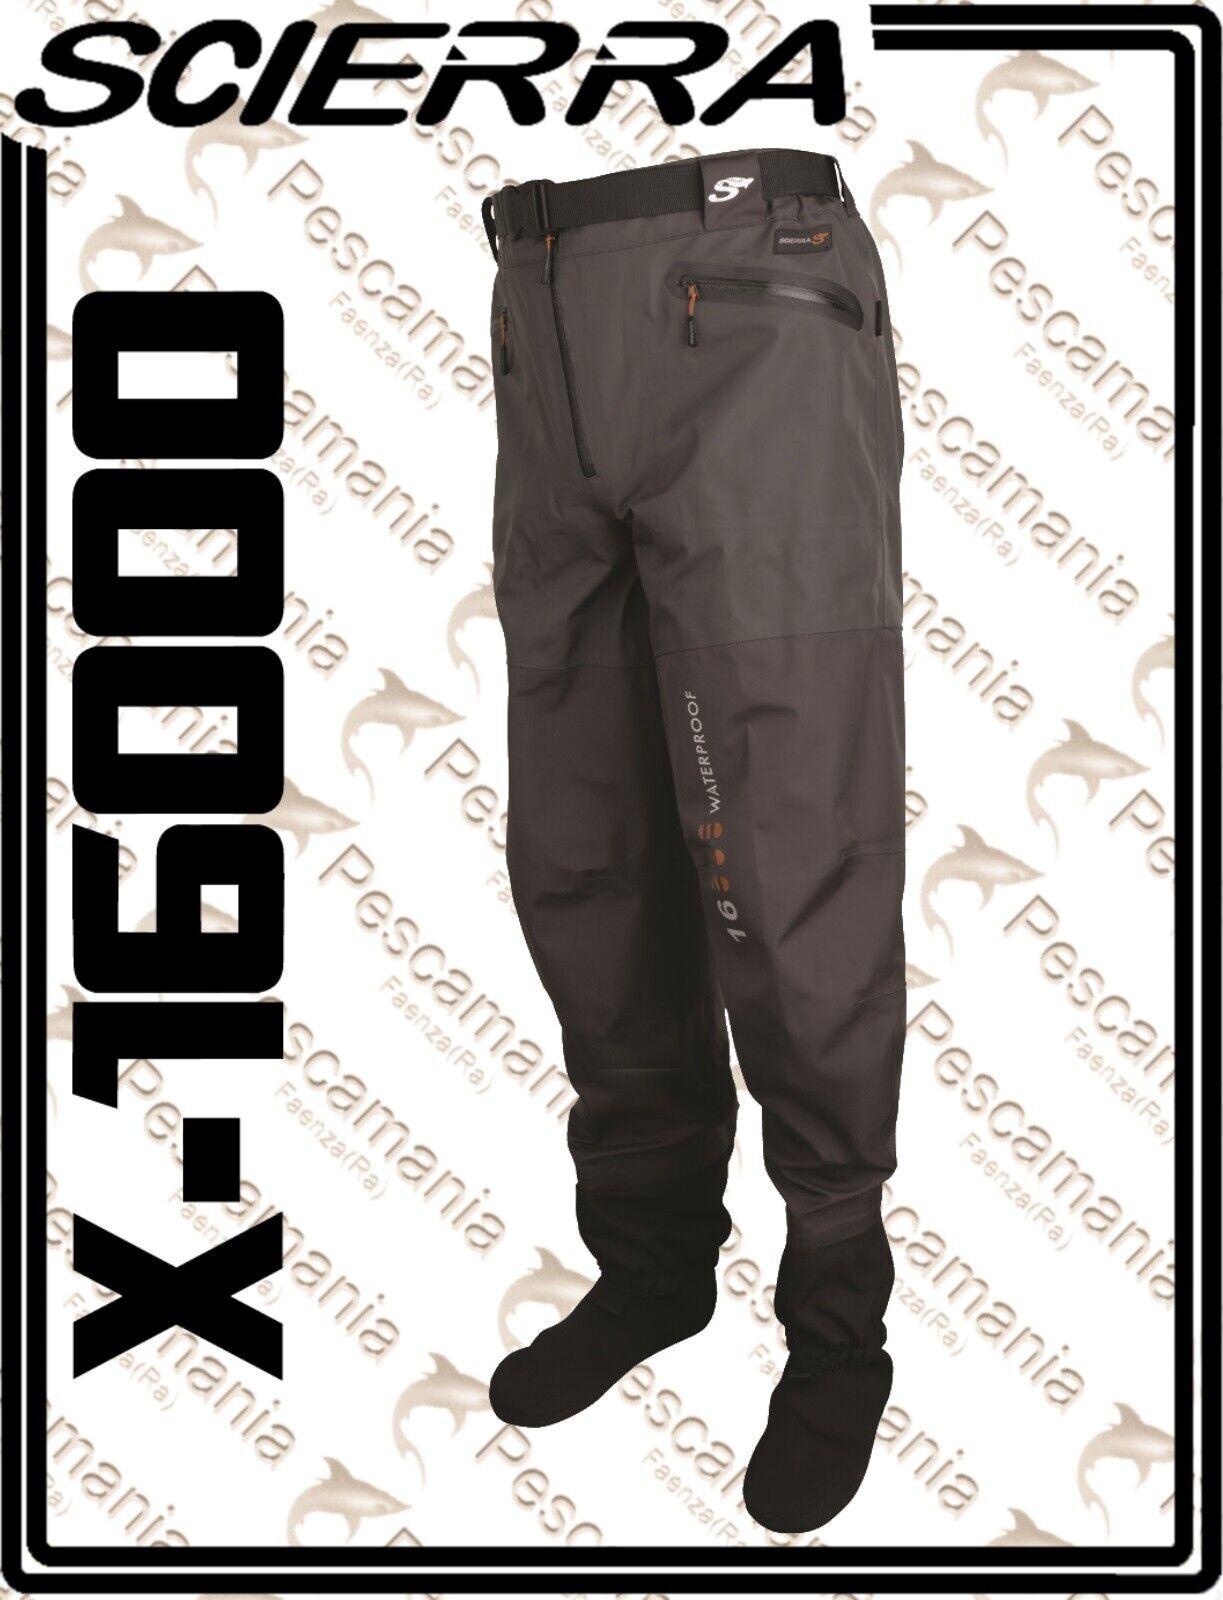 Wader Scierra X-16000 grigio een pantalone 3 strati trapirante